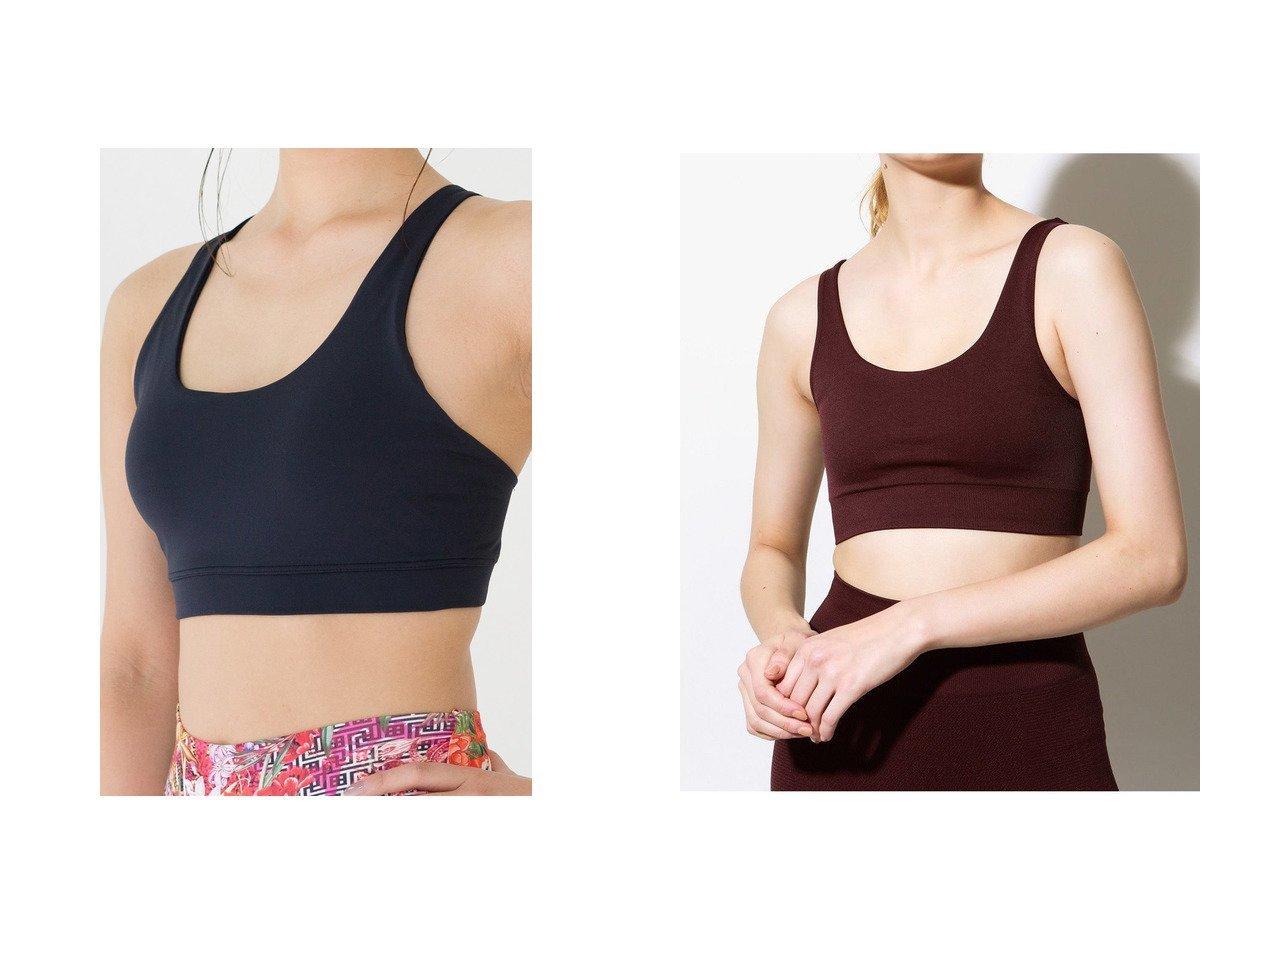 【ECOALF/エコアルフ】のMALIBU ベーシック ヨガトップス BASIC MALIBU YOGA TOPS&【Women's Health/ウィメンズヘルス】の【Linda Works】ステラブラ ブラック フィットネス・ヨガ・スポーツウェアのおすすめ!人気、レディースファッションの通販  おすすめで人気のファッション通販商品 インテリア・家具・キッズファッション・メンズファッション・レディースファッション・服の通販 founy(ファニー) https://founy.com/ ファッション Fashion レディース WOMEN トップス Tops Tshirt スポーツウェア Sportswear スポーツ トップス Tops シンプル スタンダード スポーツ フィット フロント プリント ヨガ ランニング レギンス ワーク コレクション ベーシック |ID:crp329100000003550